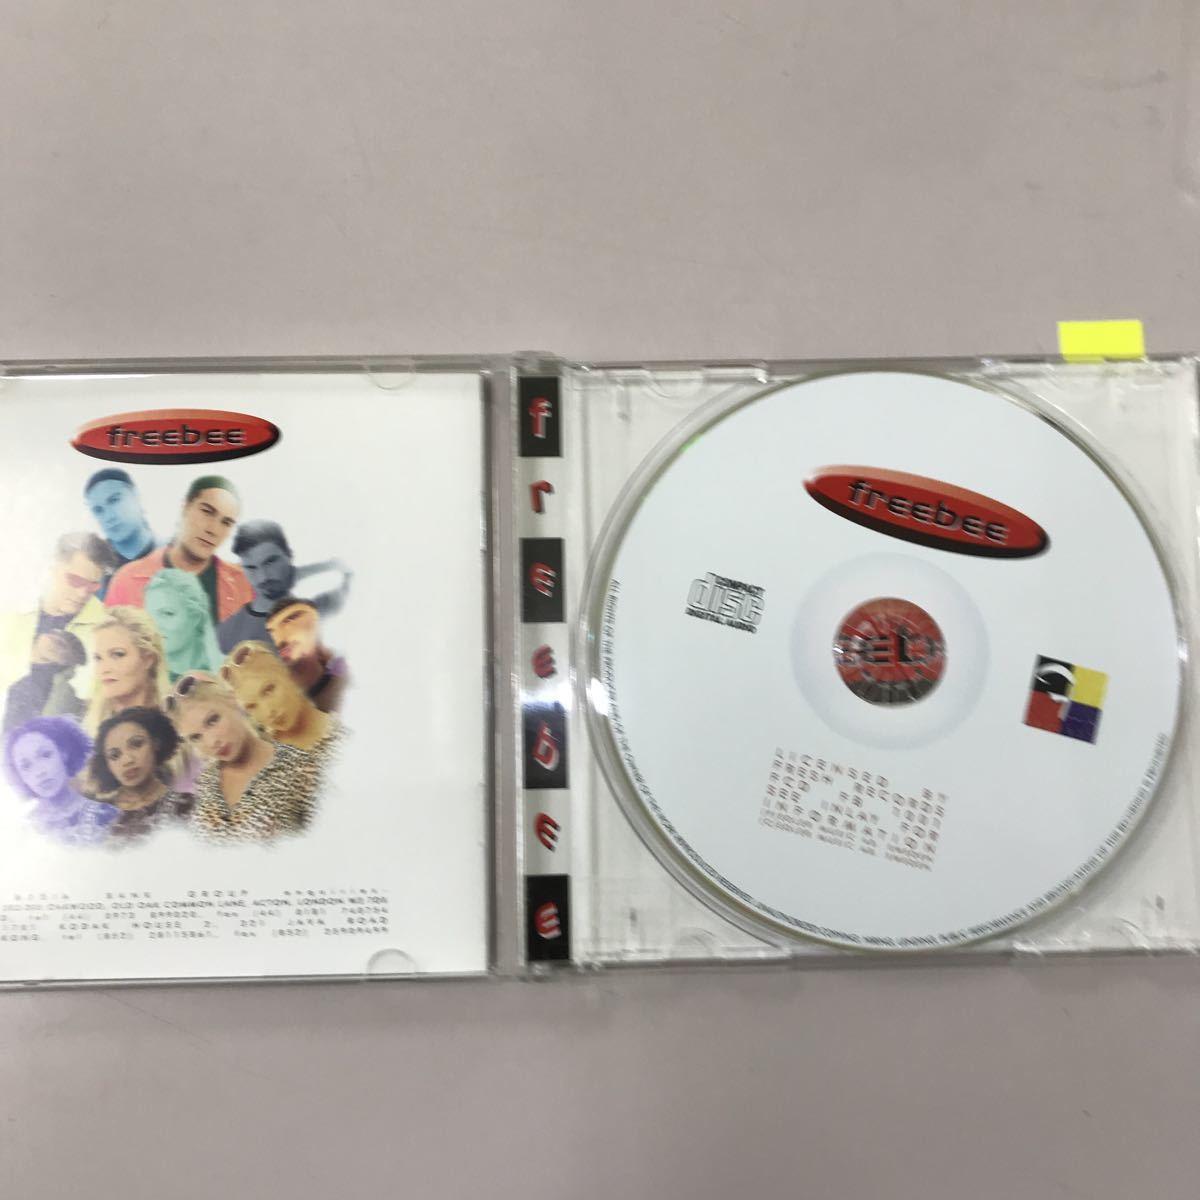 CD 中古☆【洋楽】frEEb EE